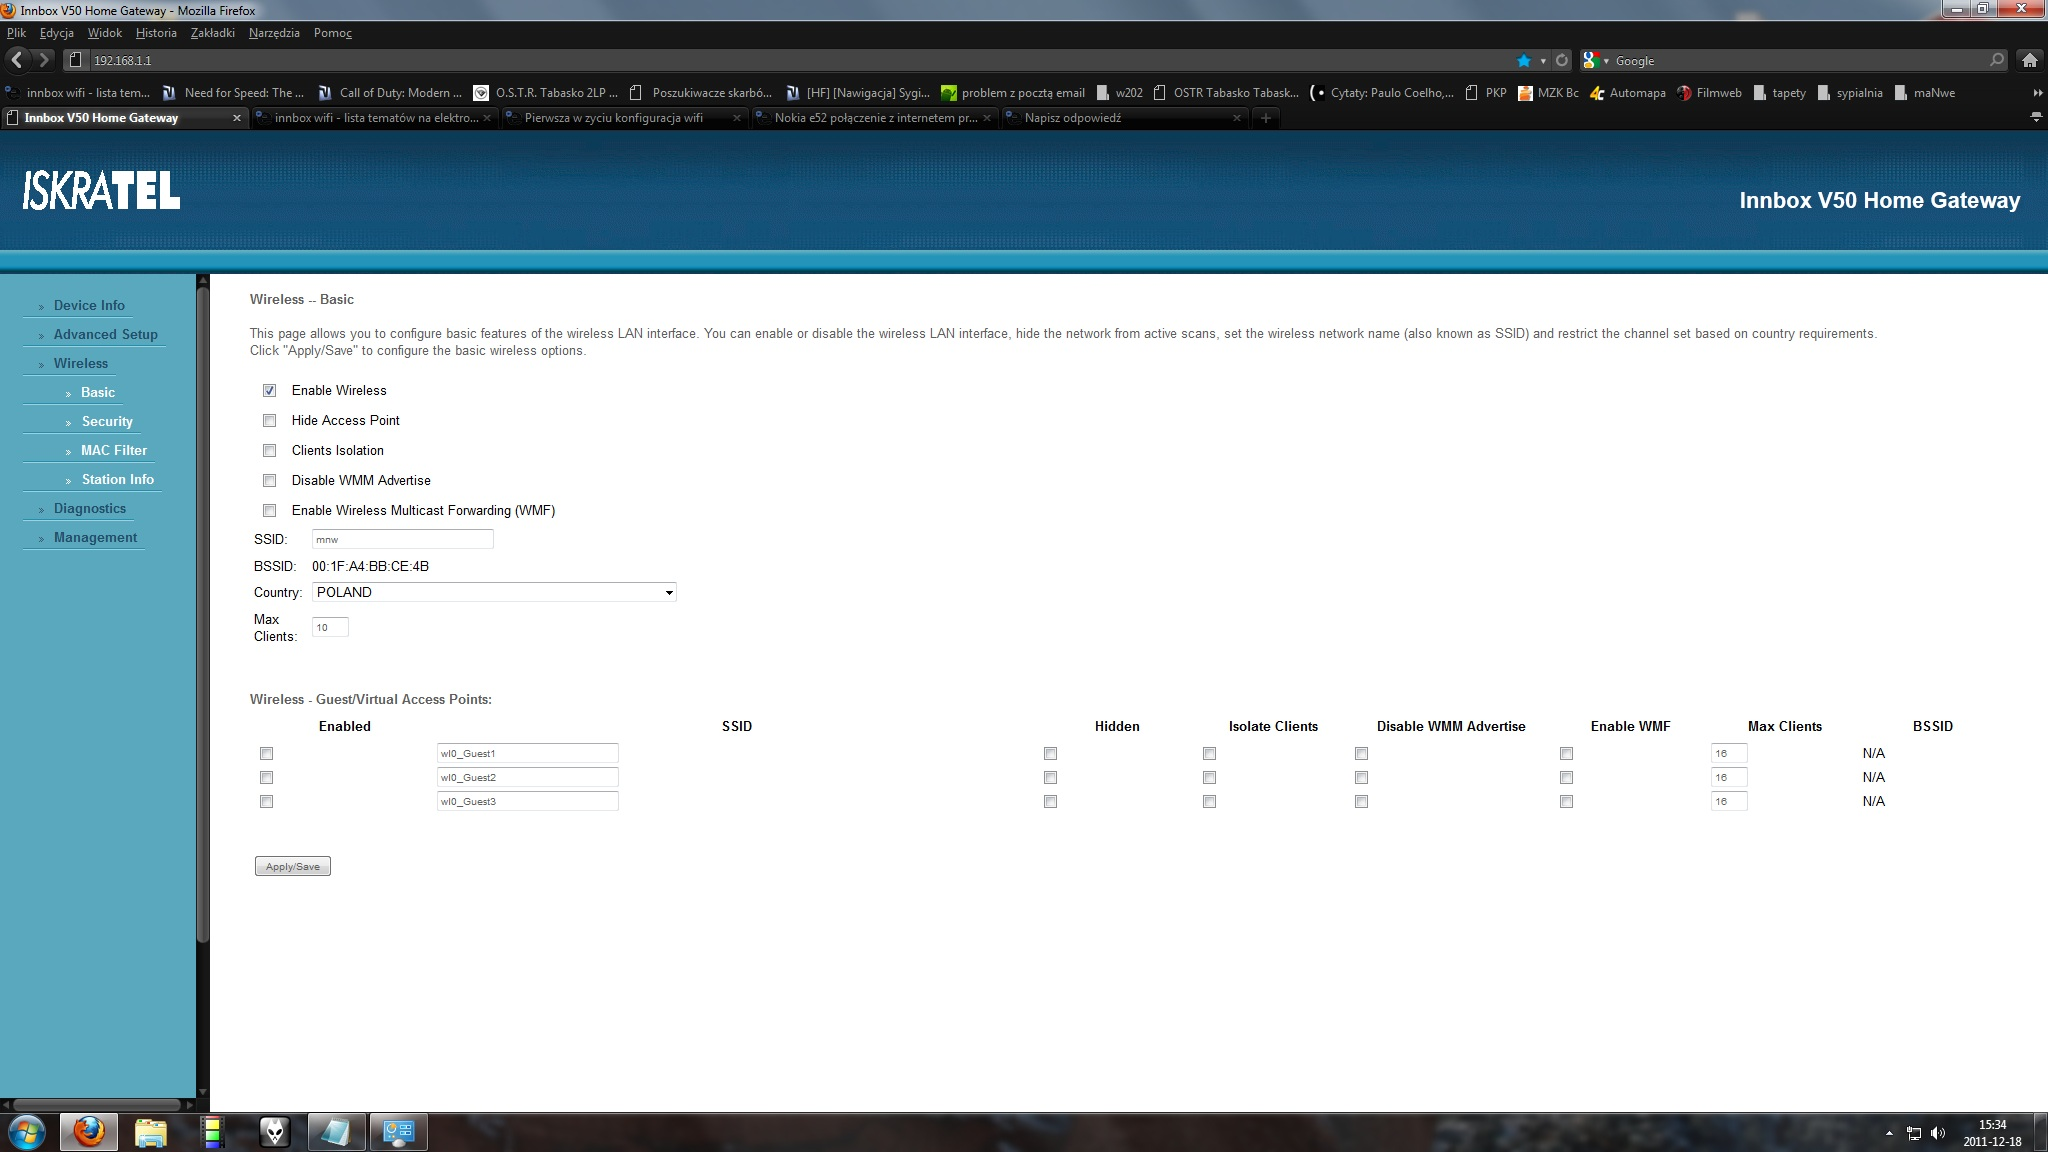 Modemo-ruter innbox v50 Dialog